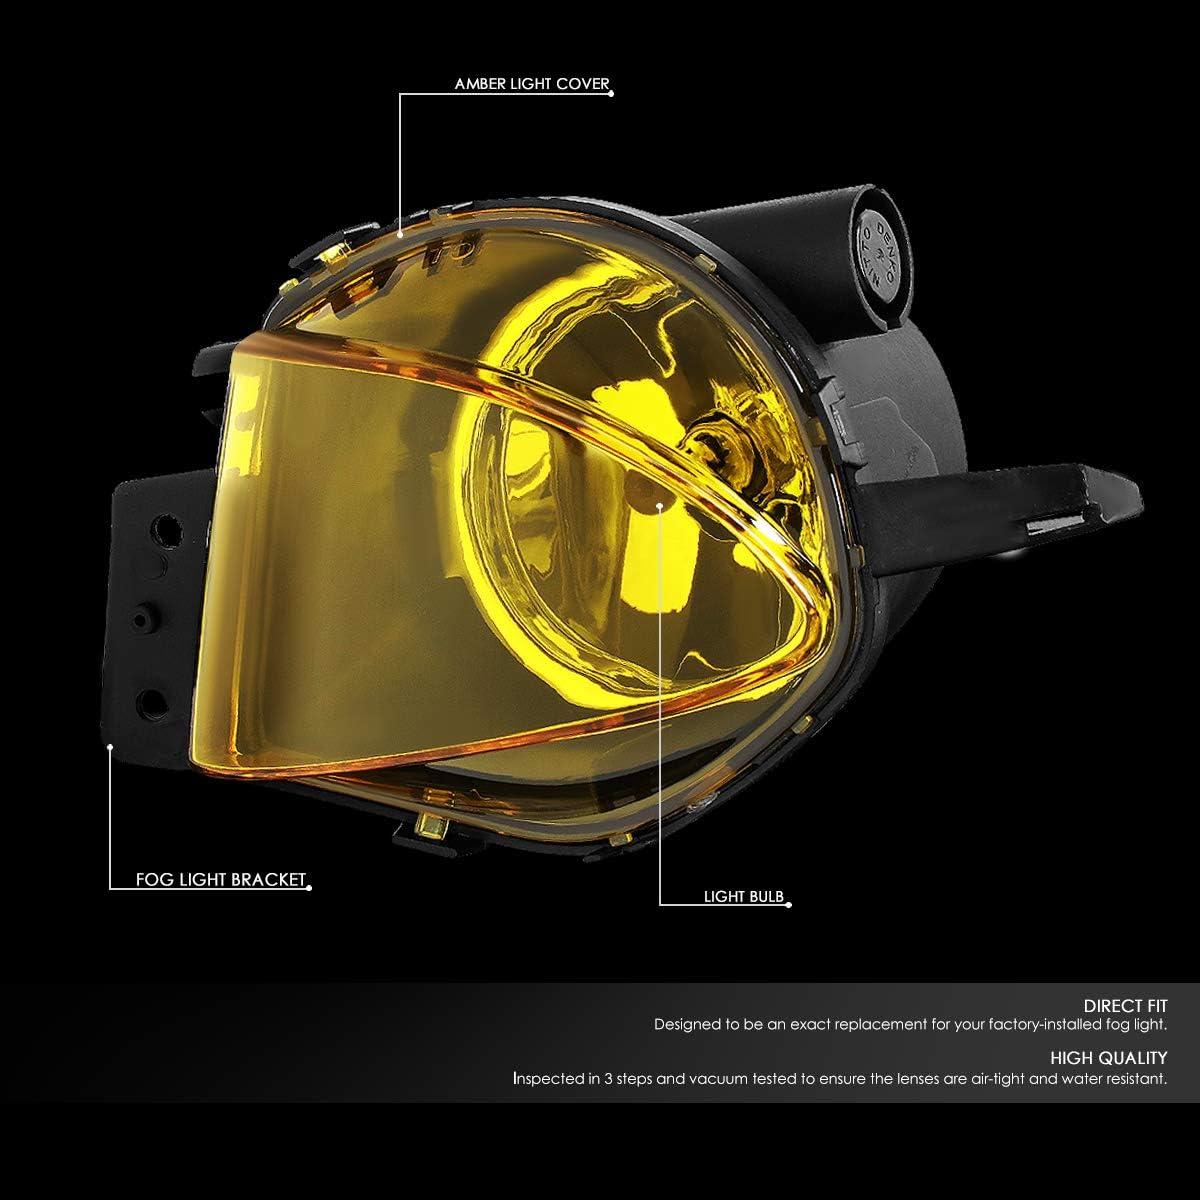 DNA Motoring FL-ZTL-112-AM Pair Amber Lens Front Driving Fog Light Lamps for 07-08 BMW 328i 328xi 2006 BMW 325i 325xi 330i 330xi